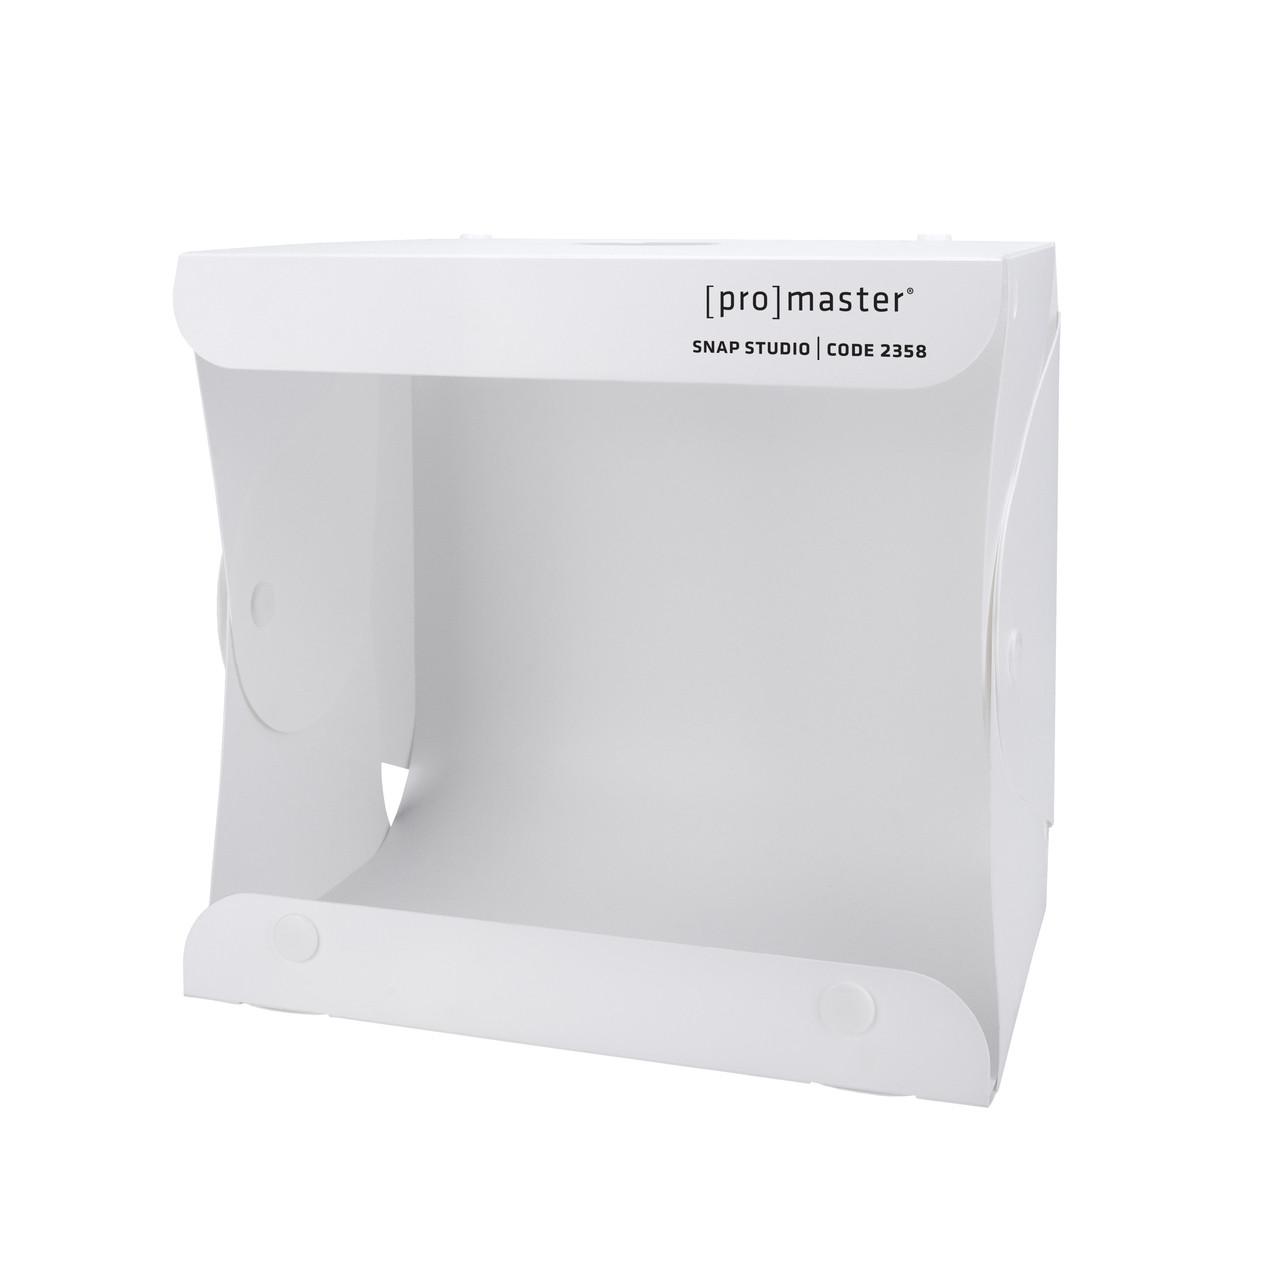 ProMaster Tabletop Light Cube Kit